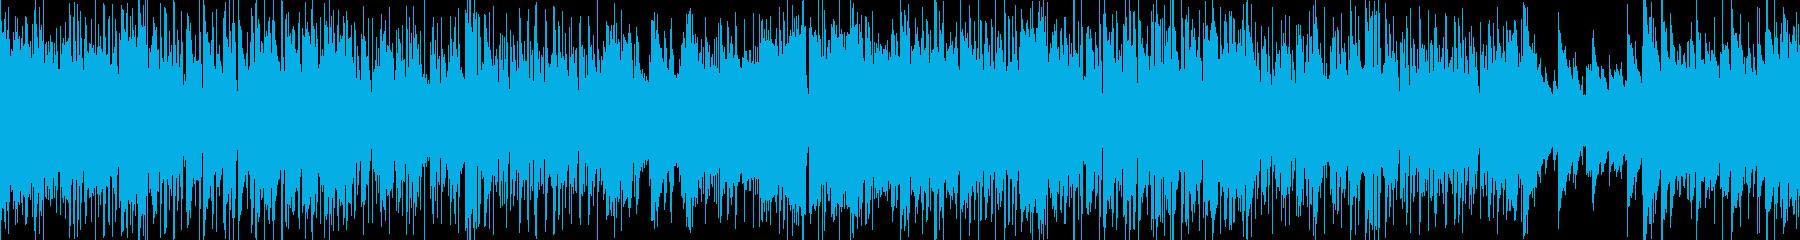 【シーン】教室での日常会話の再生済みの波形